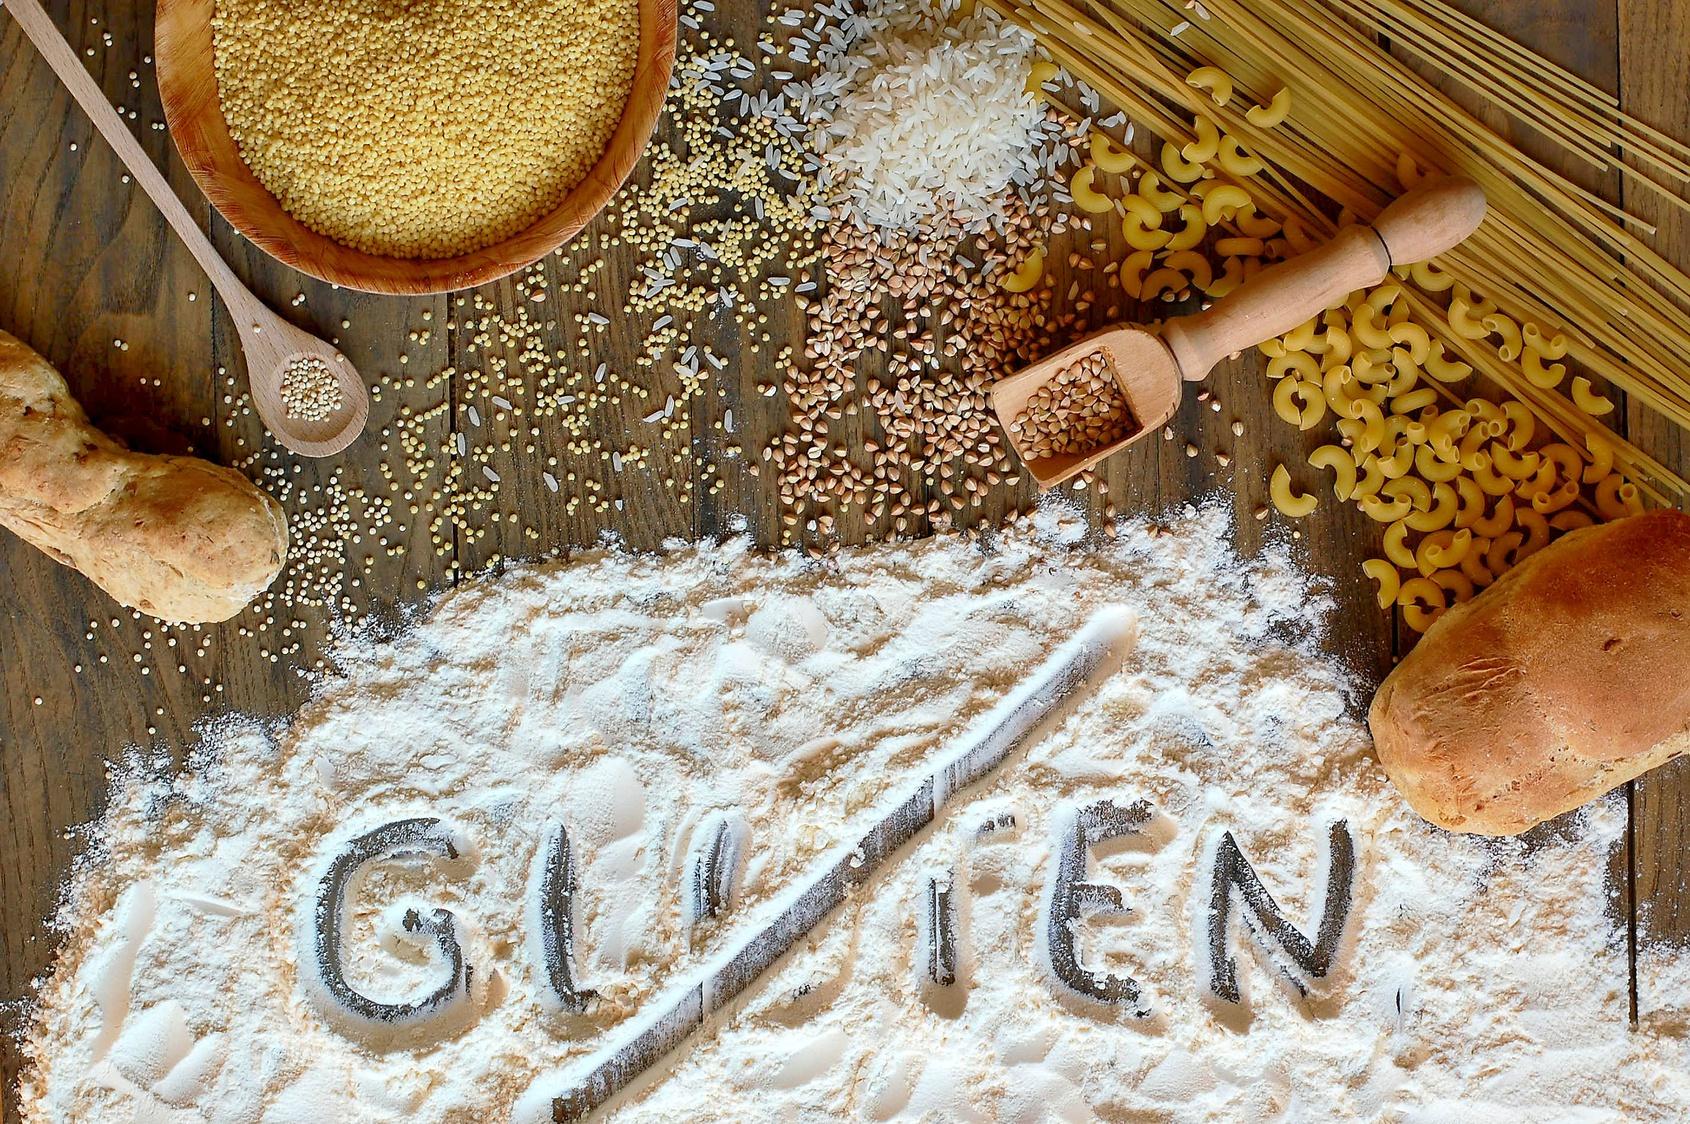 """produkty spożywcze i rozsypana mąka, na której widnieje przekreślony napis """"Gluten"""""""